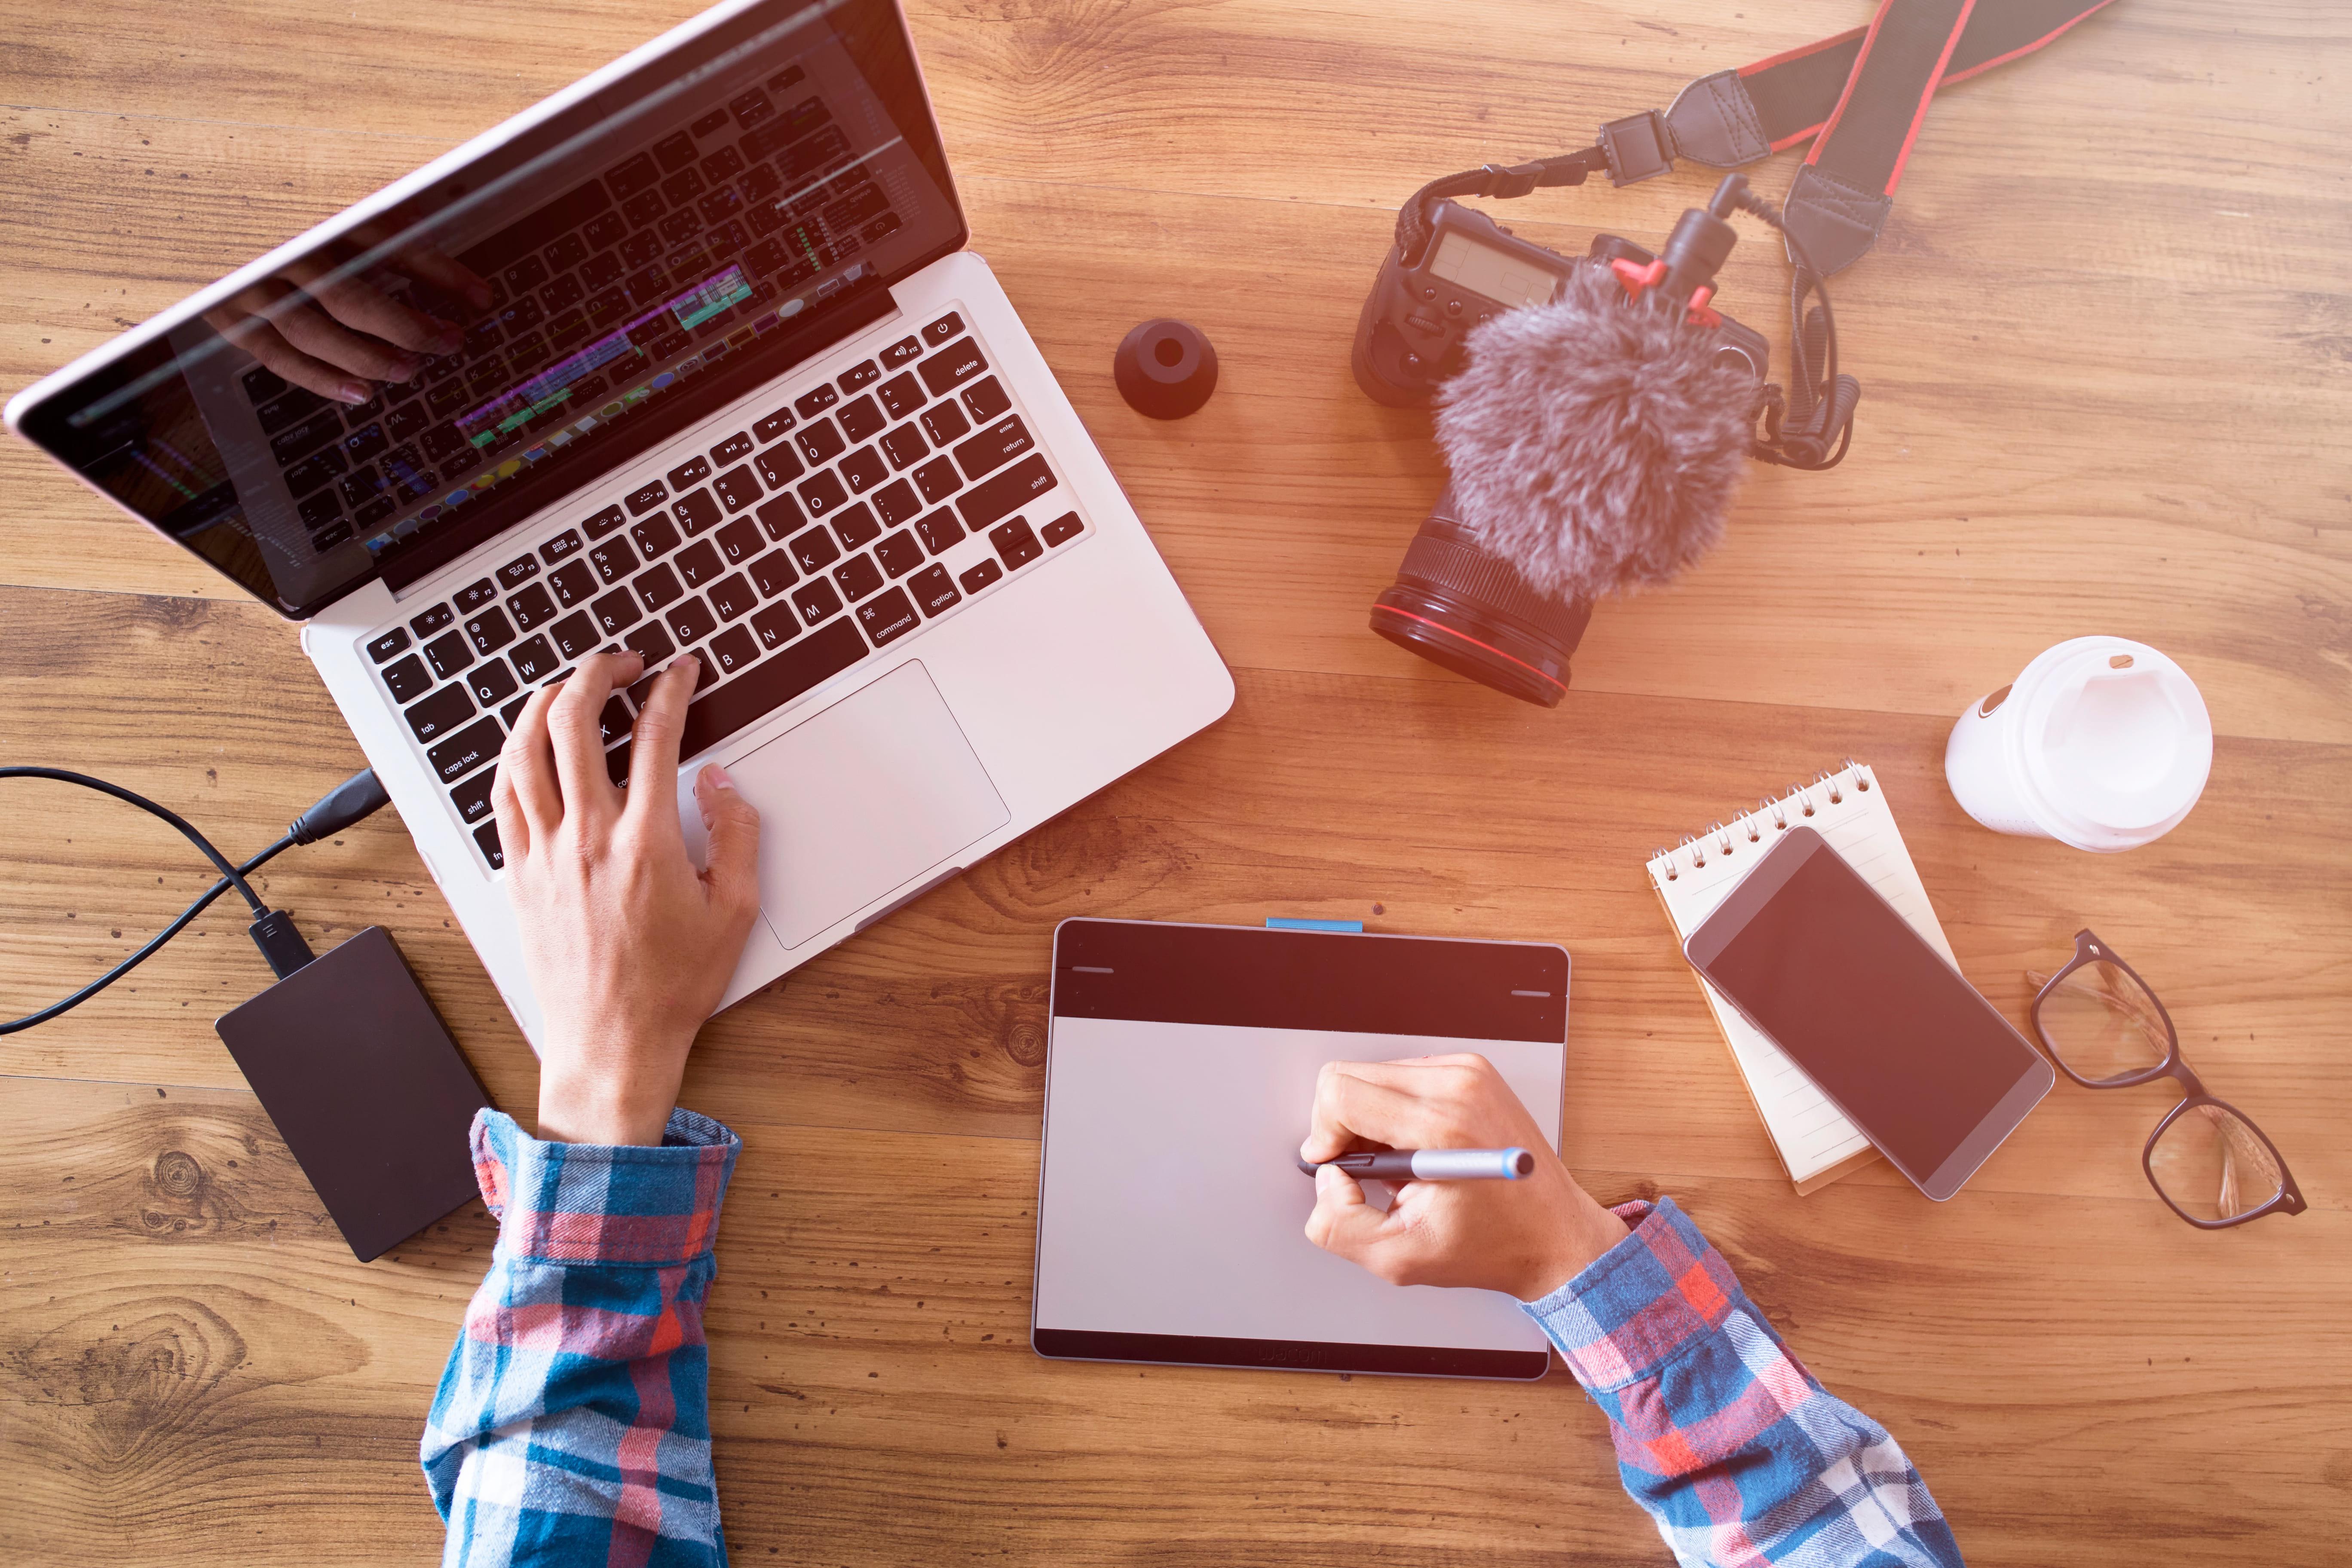 Imagem de um computador para remeter quem deseja montar uma editora